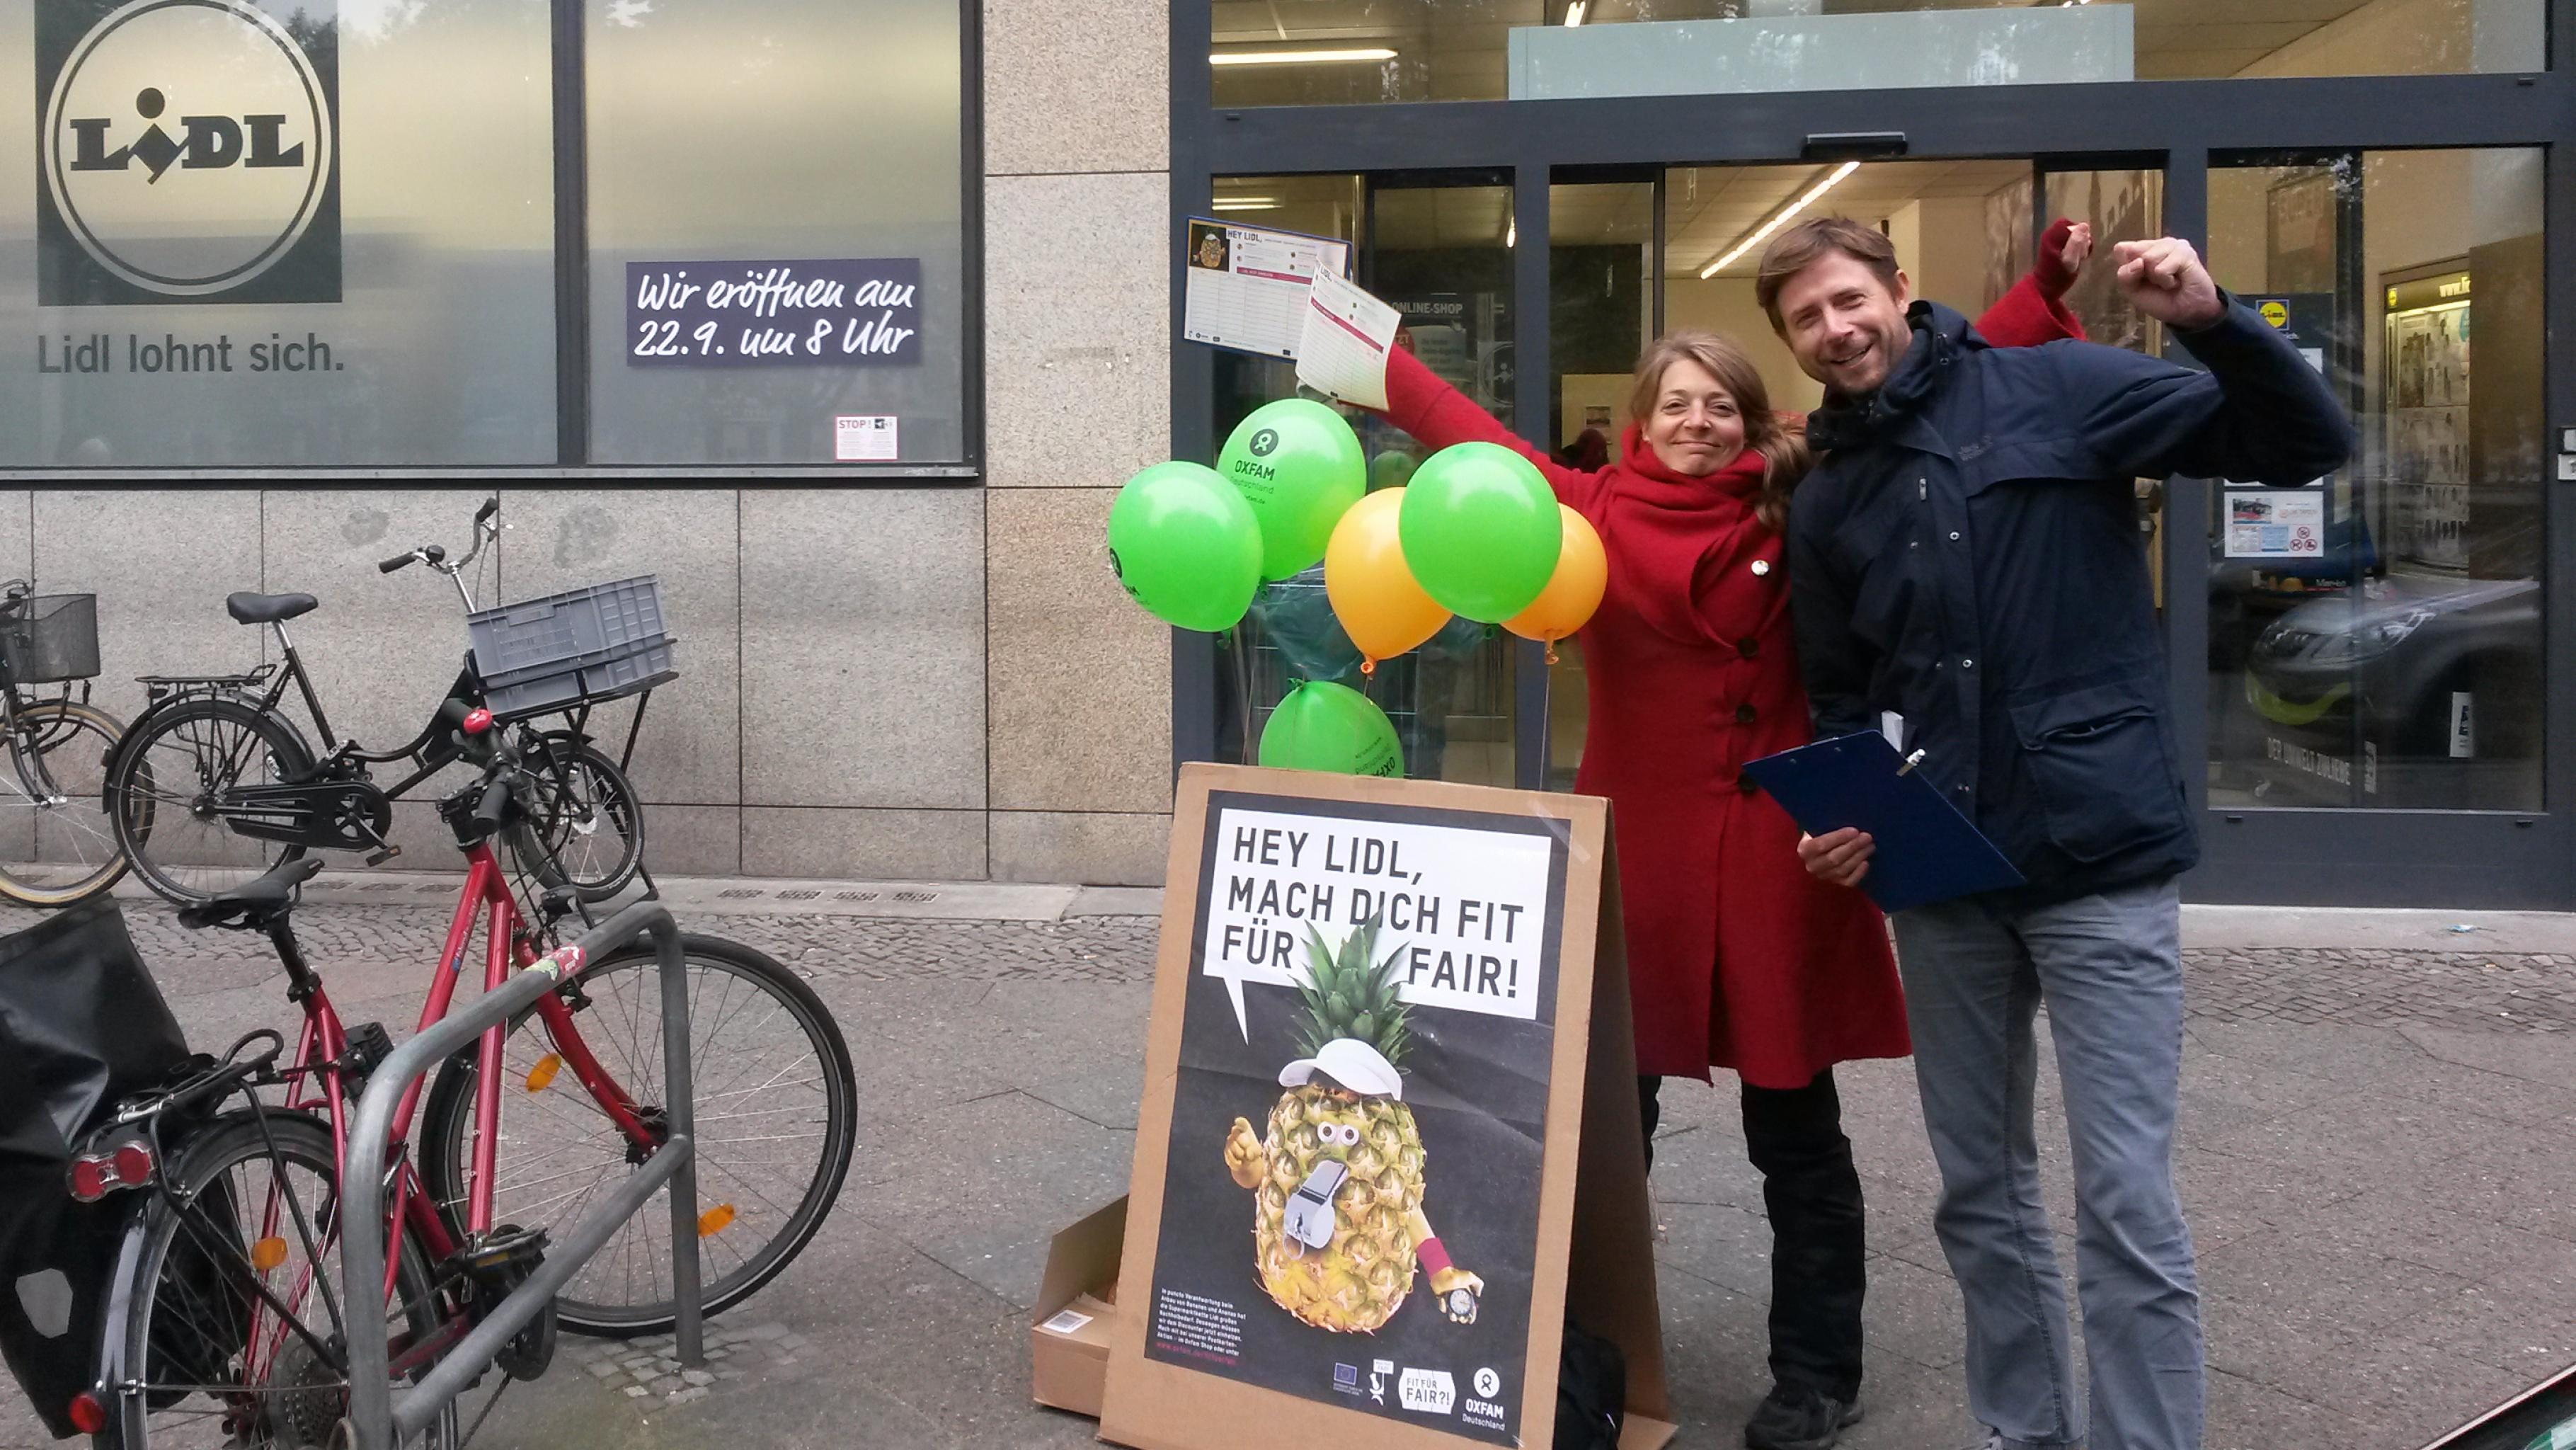 Oxfam-Unterstützer/innen vor einer Lidl-Filiale